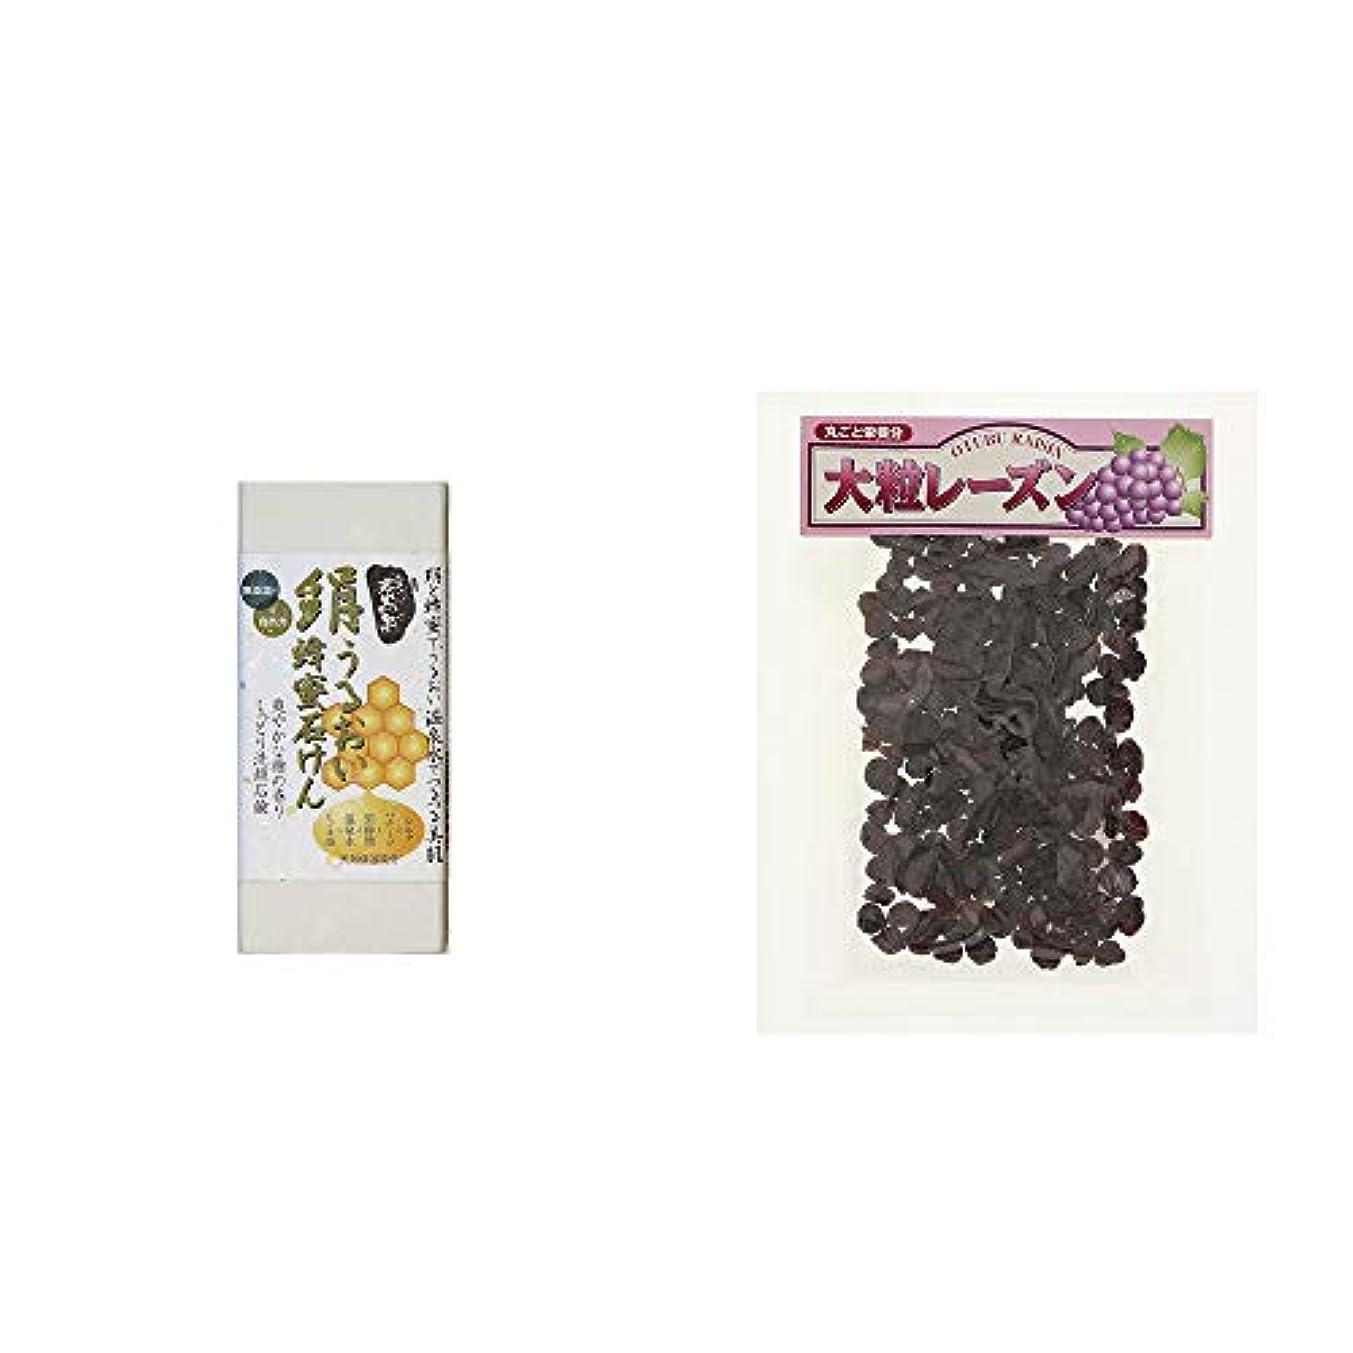 支払う擬人印象的[2点セット] ひのき炭黒泉 絹うるおい蜂蜜石けん(75g×2)?大粒レーズン(280g)